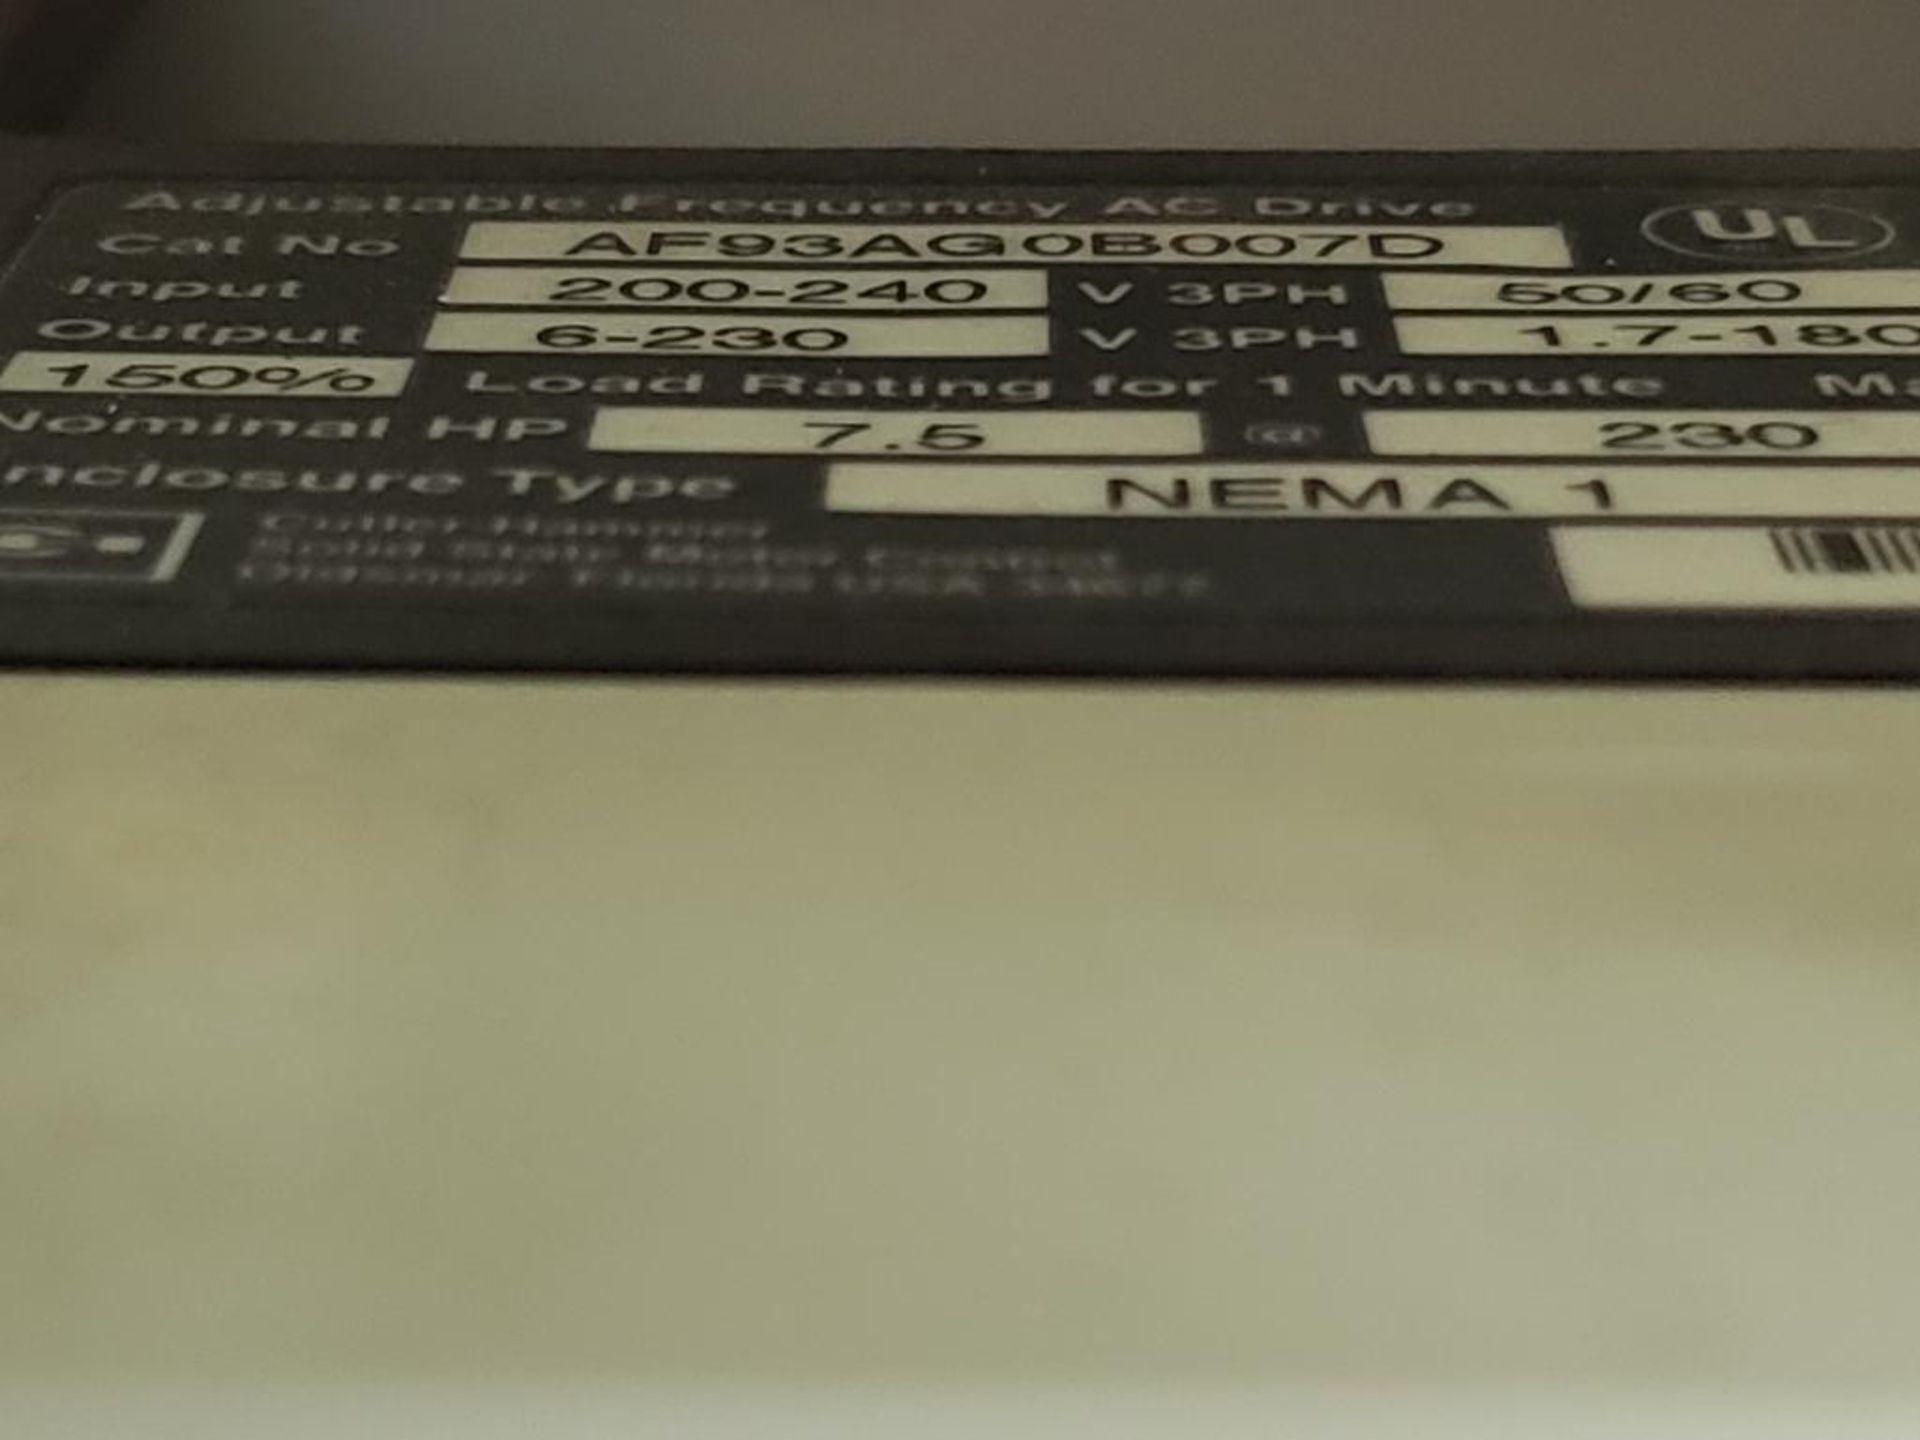 Chiller control cabinet. Hoffman enclosure, Cutler Hammer AF93AG0B007D drive, Allen Bradley drive. - Image 19 of 35